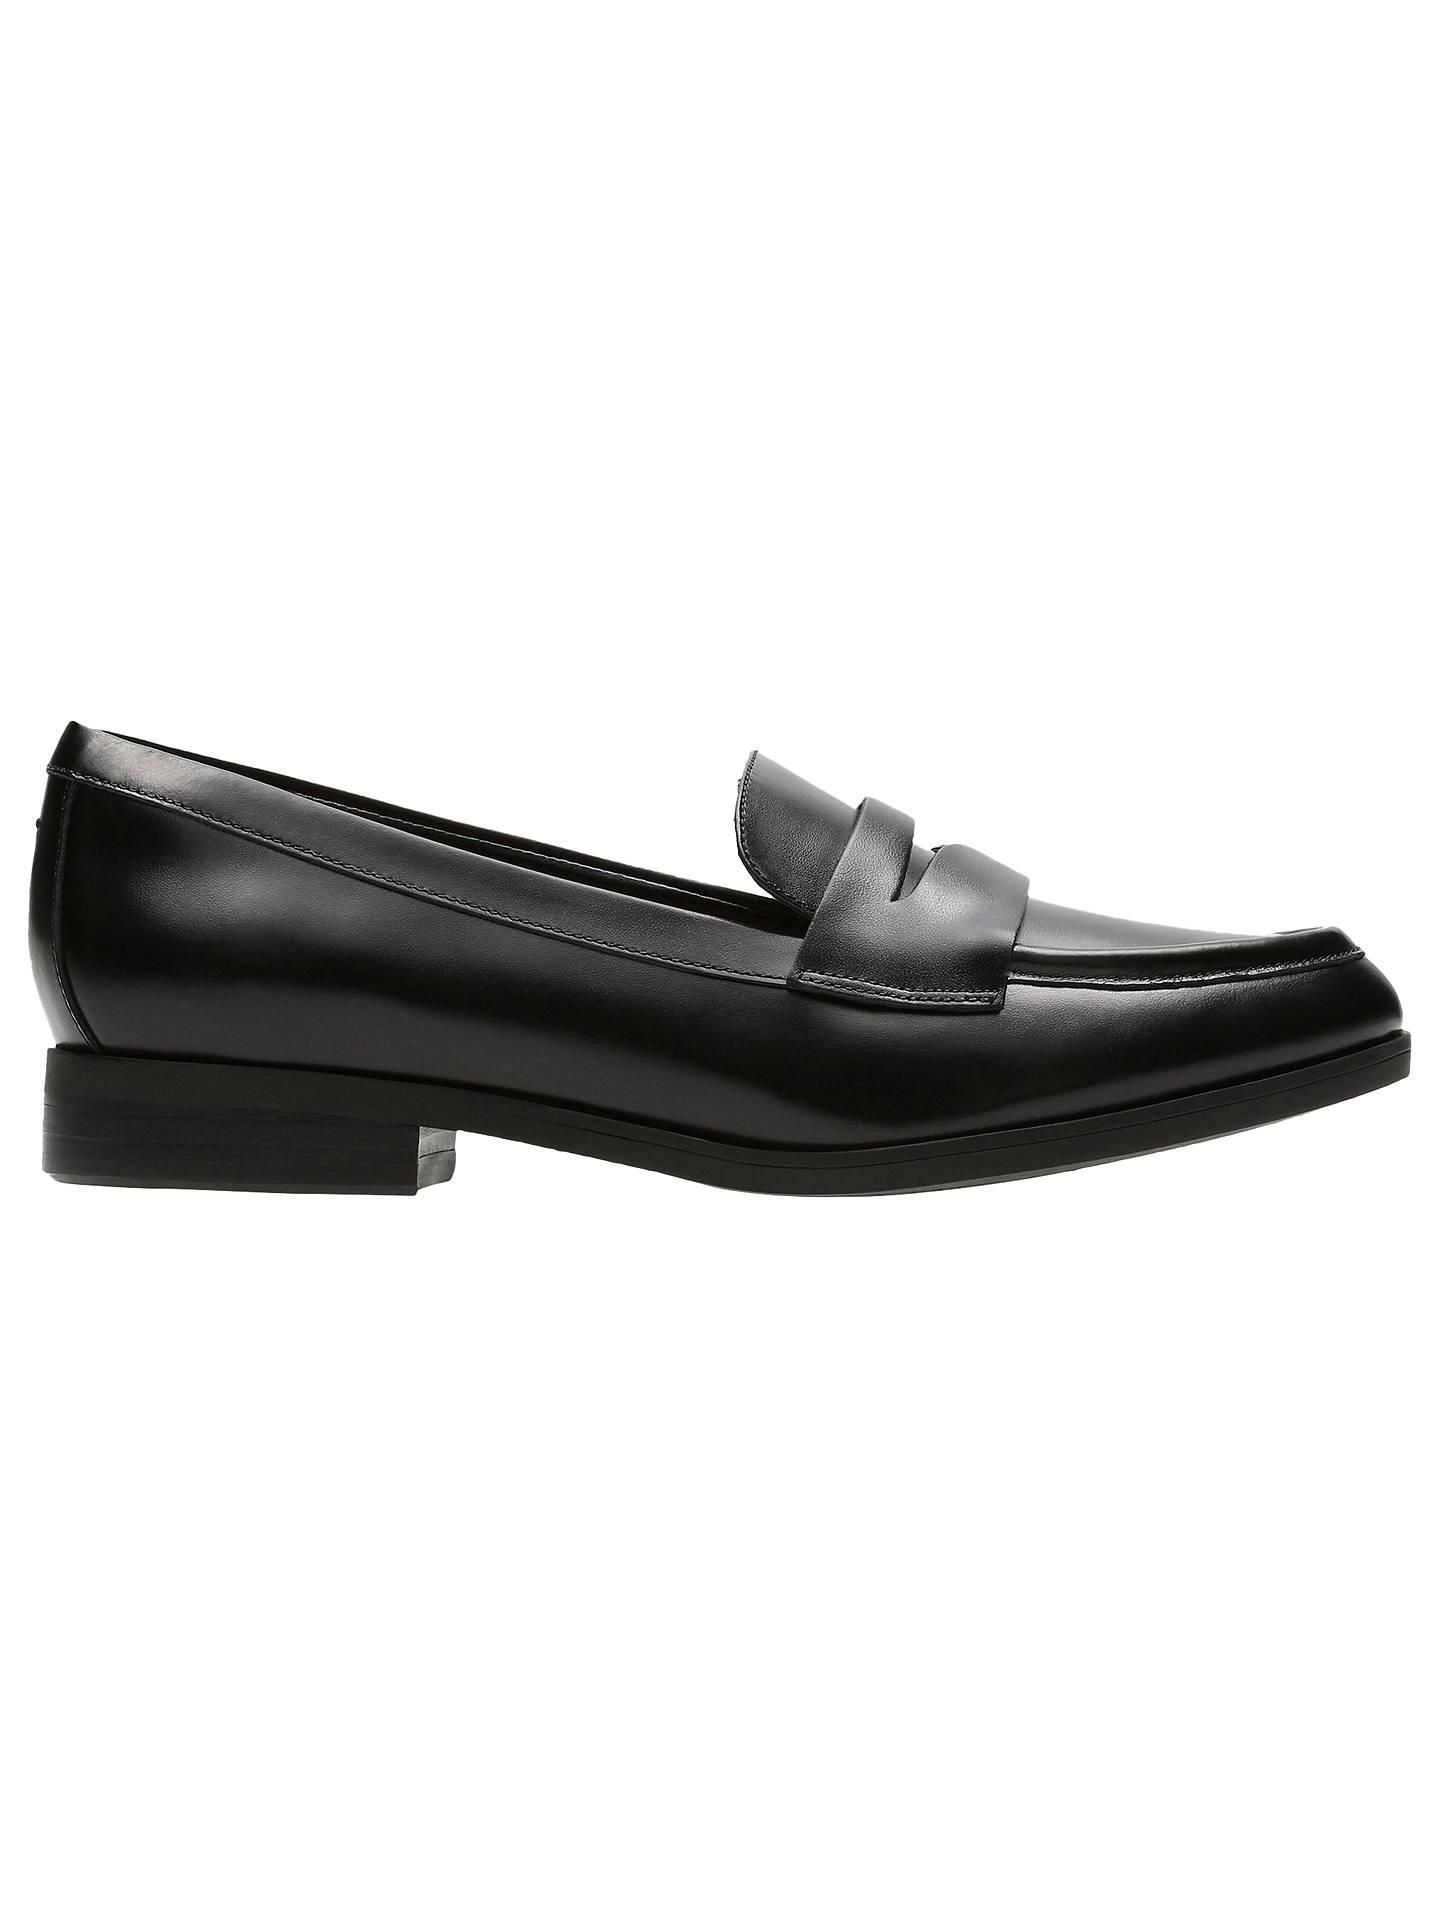 b91dd498719 Buy Clarks Tilmont Zoe Penny Loafers